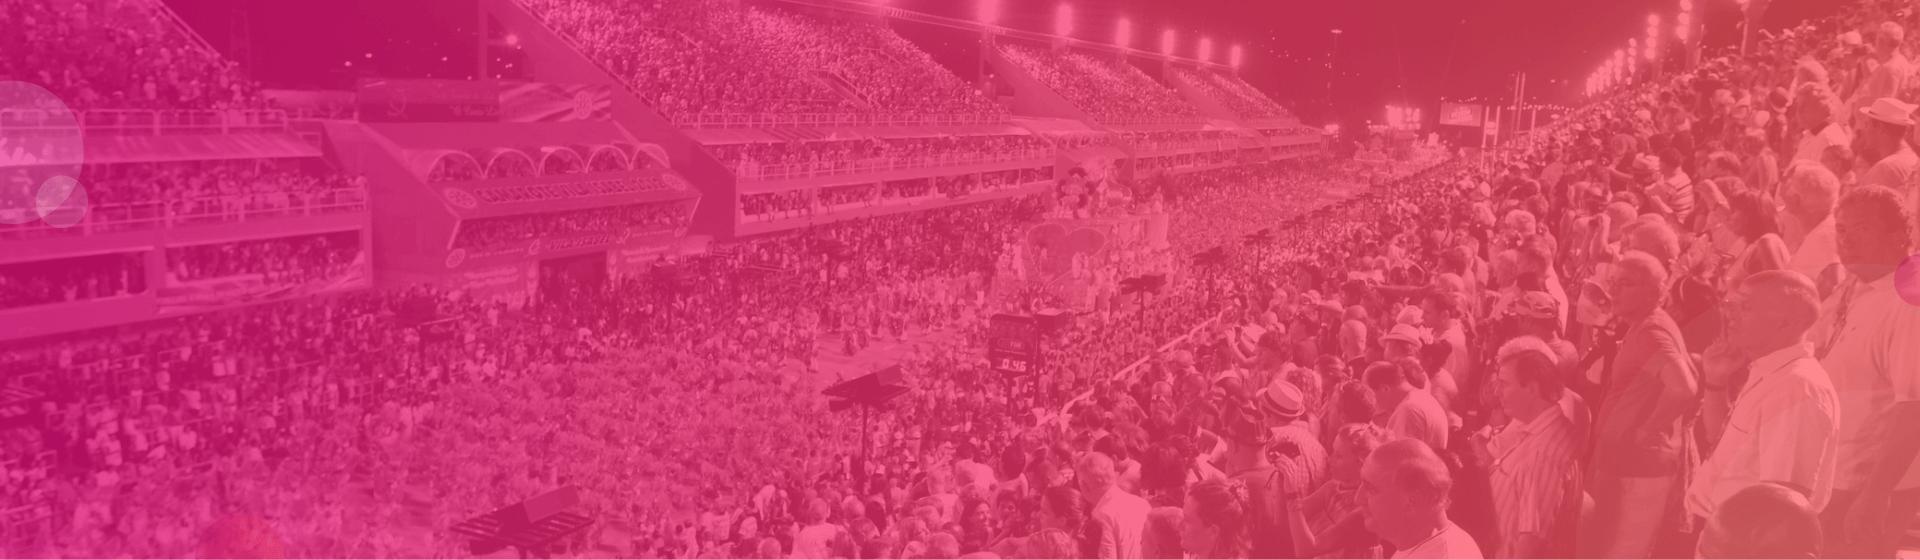 Uno Sguardo sui Festeggiamenti del Carnevale di Rio